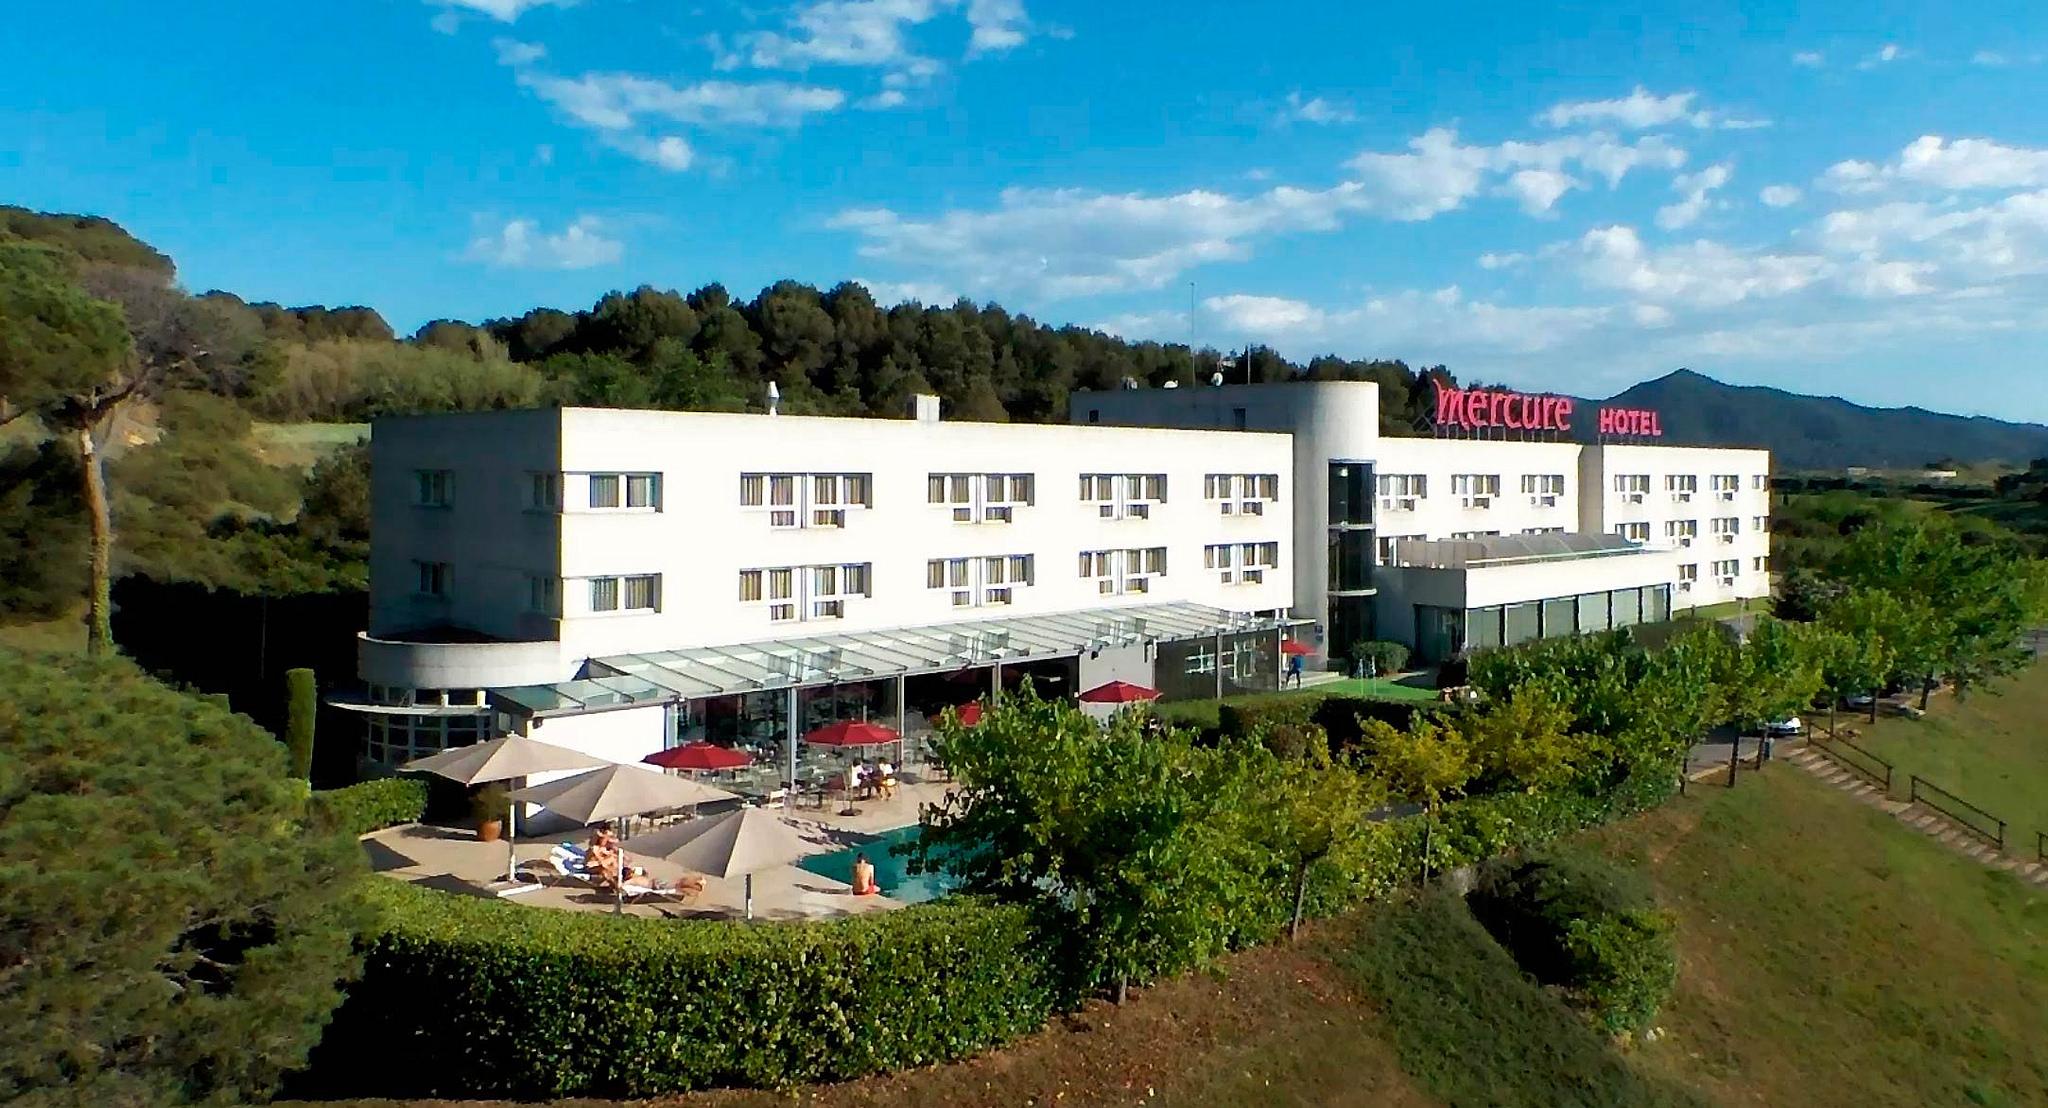 Hotel Mercure Augusta Barcelona